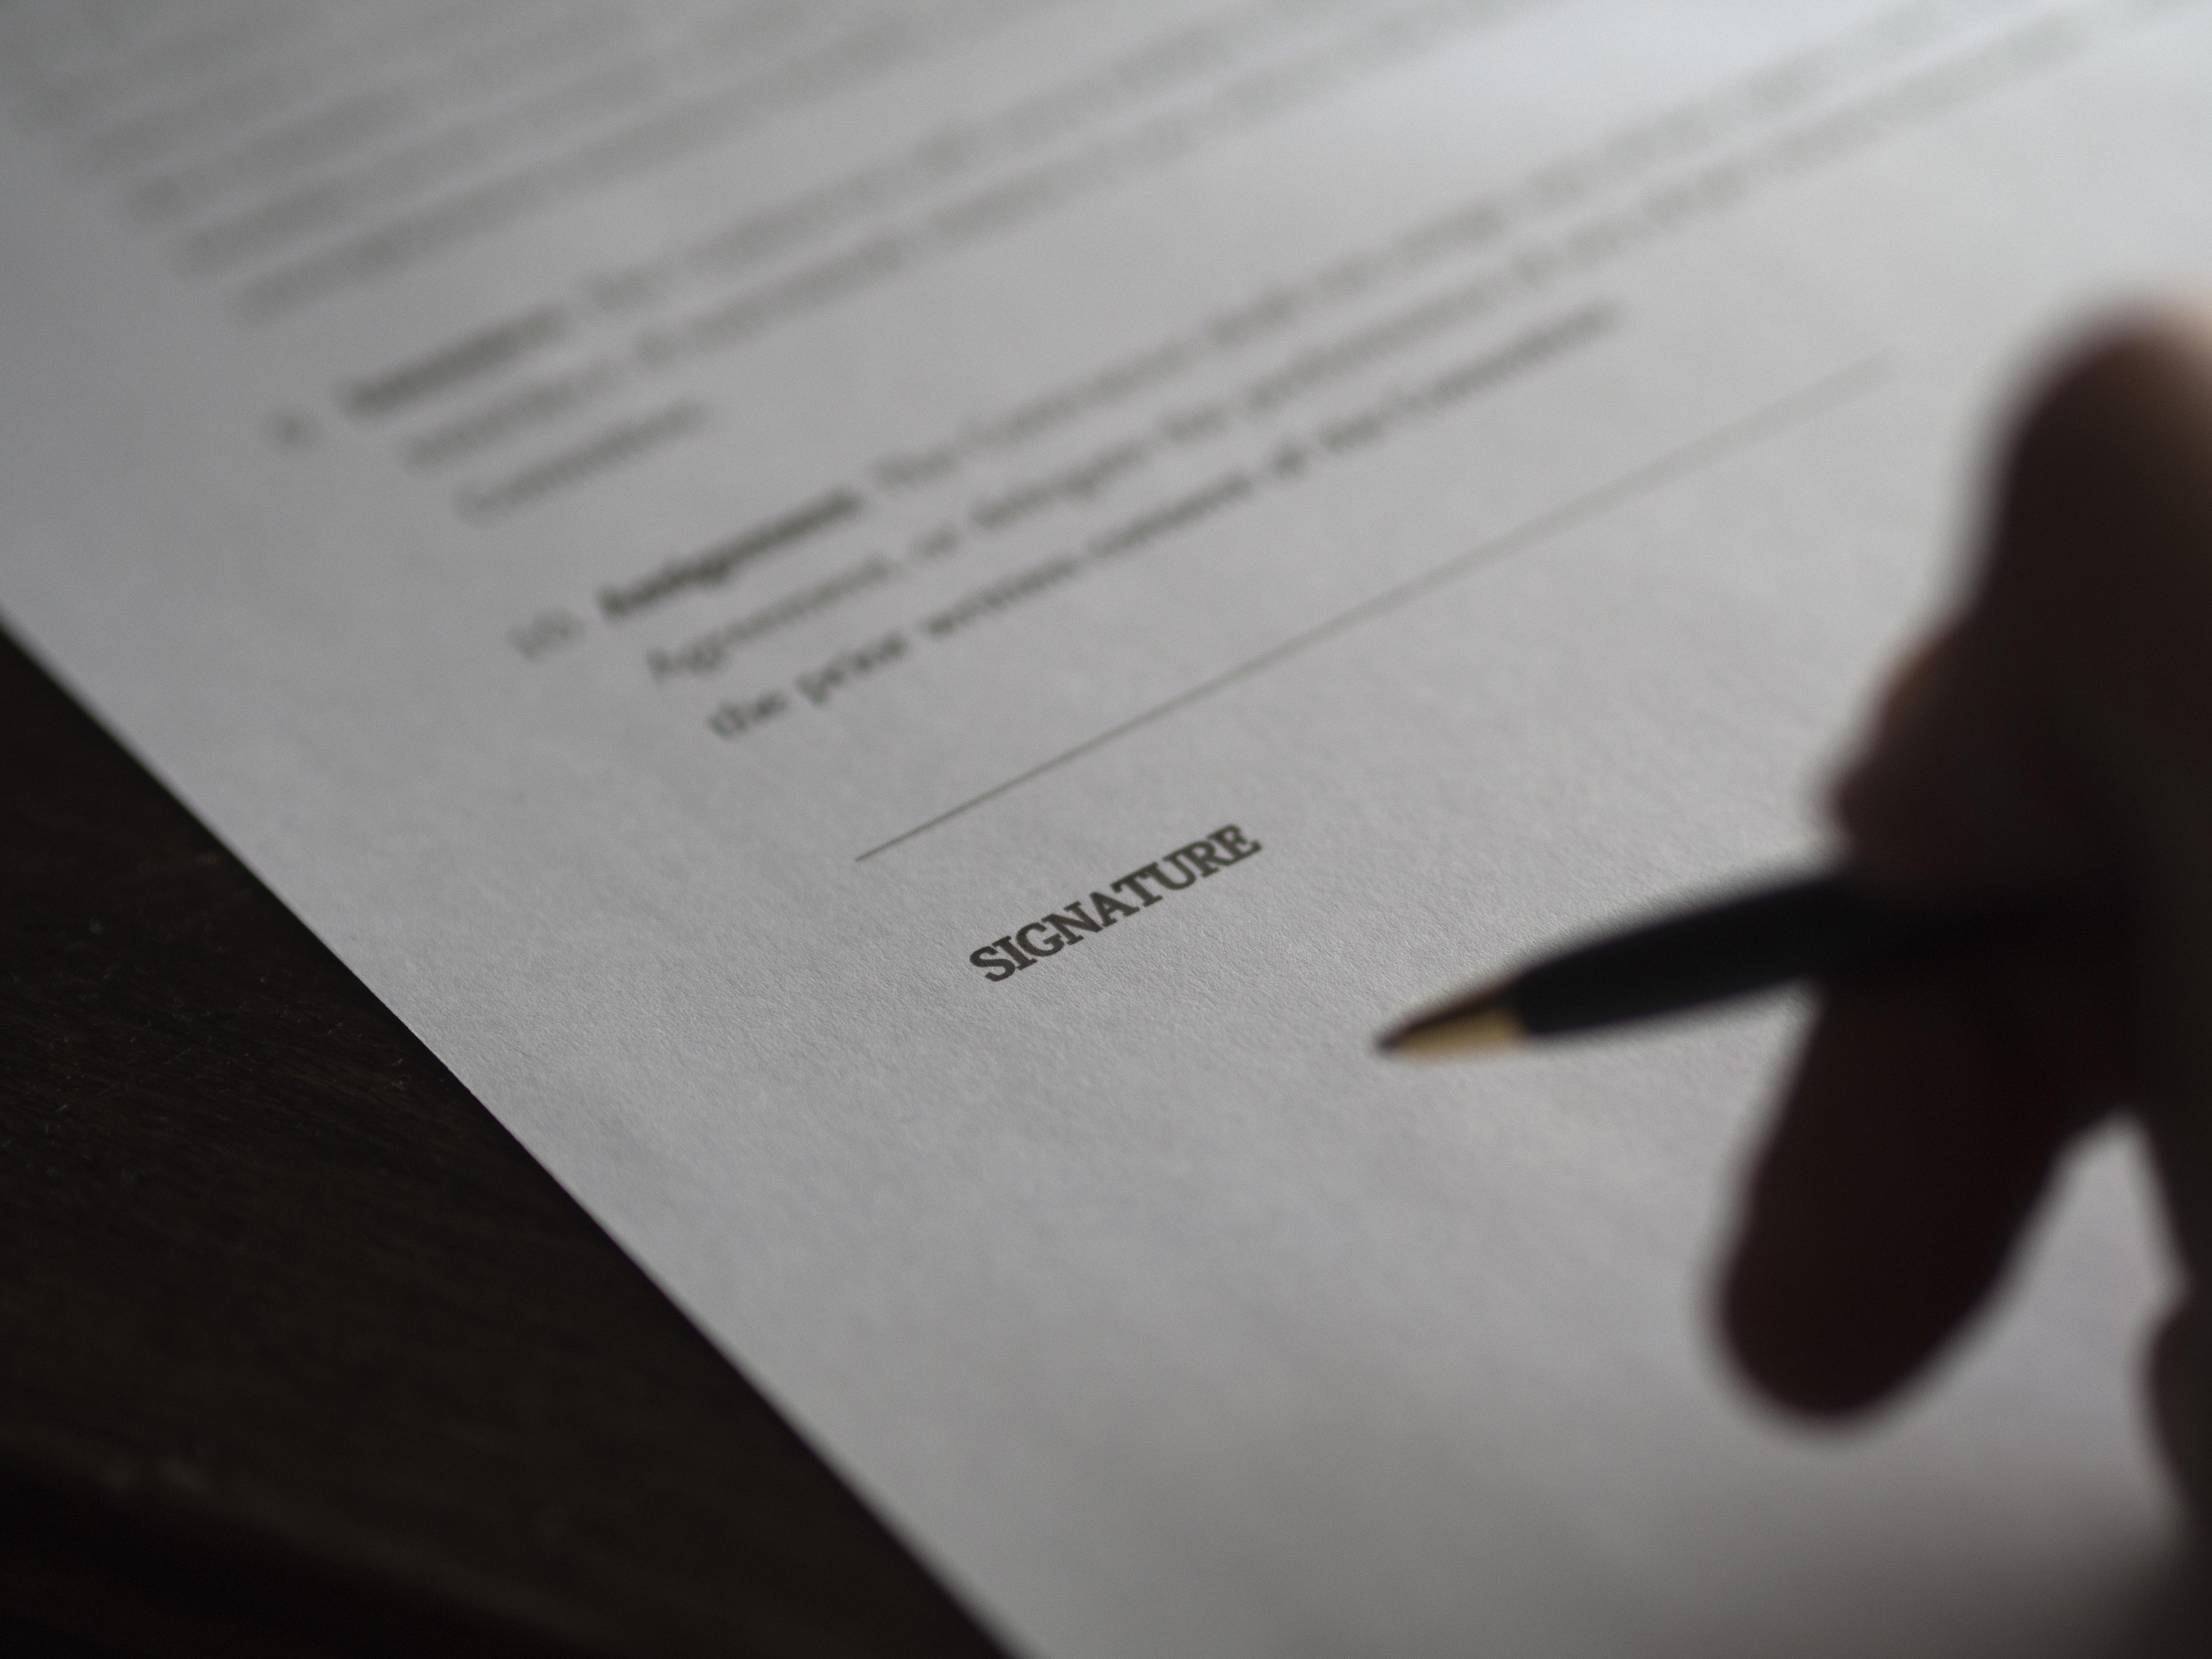 Ochrona tajemnicy przedsiębiorstwa na nowych zasadach. O zmianie ustawy o zwalczaniu nieuczciwej konkurencji